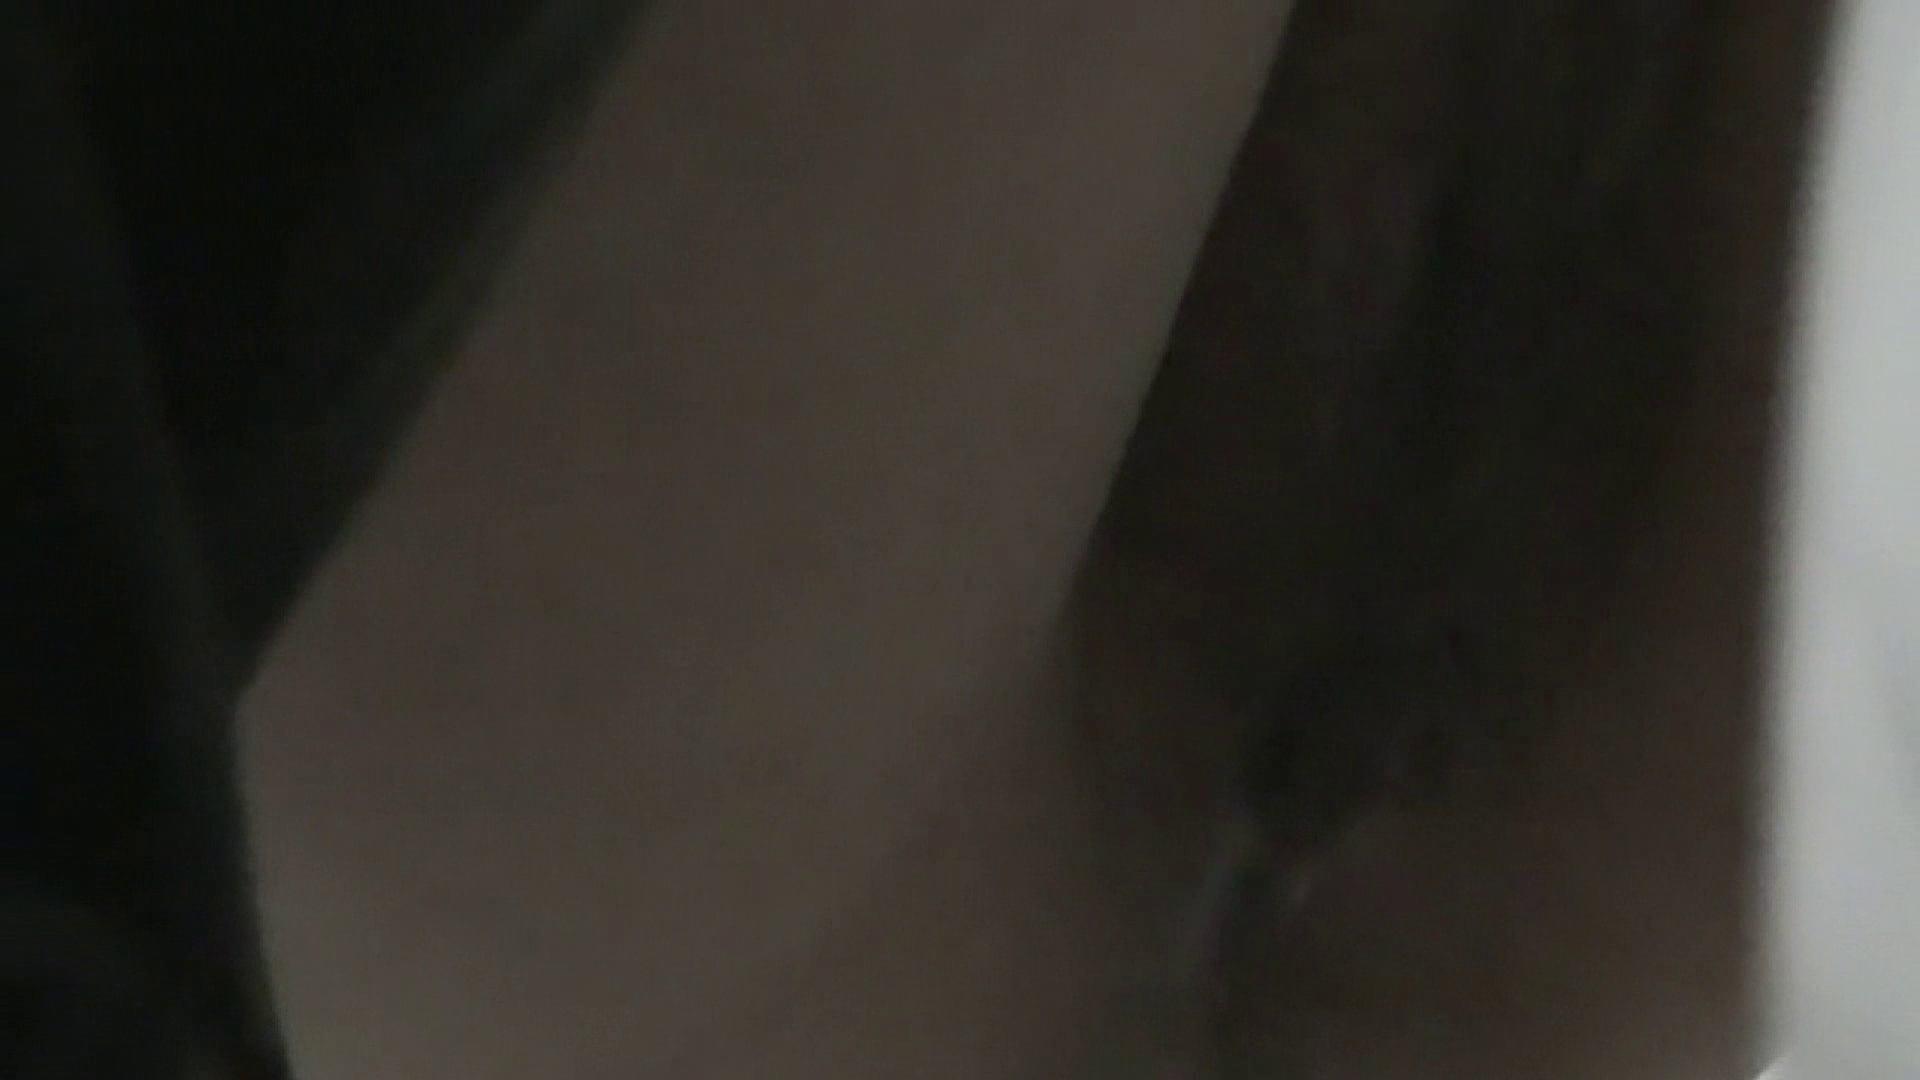 ロックハンドさんの盗撮記録File.76 パンティ AV無料動画キャプチャ 80pic 70